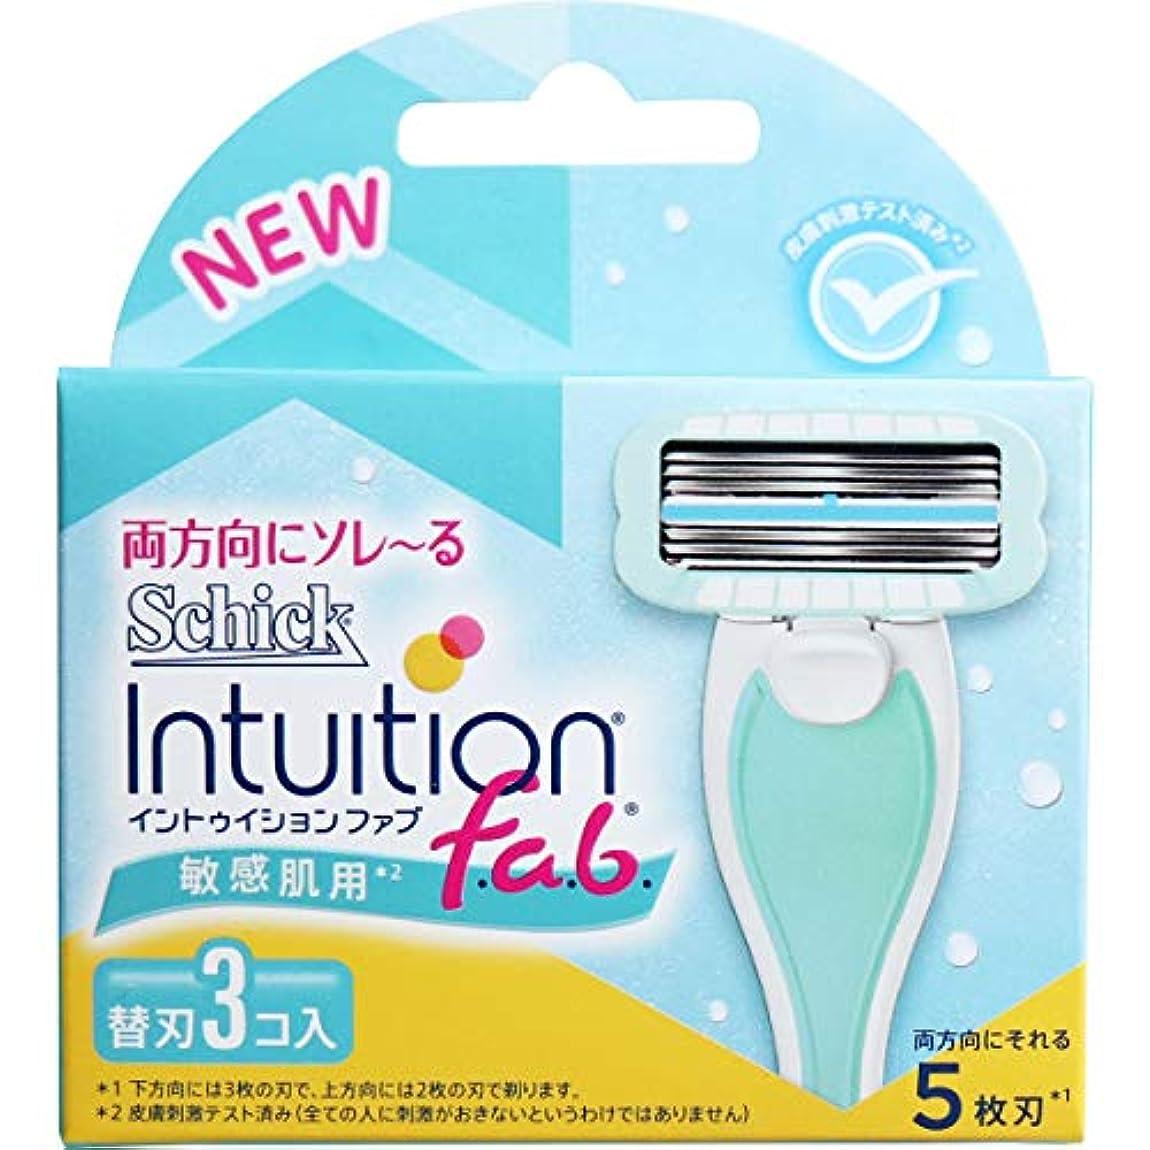 過度に最近ビザシック イントゥイション ファブ 敏感肌用 替刃3個入×5個セット(管理番号 4903601688072)